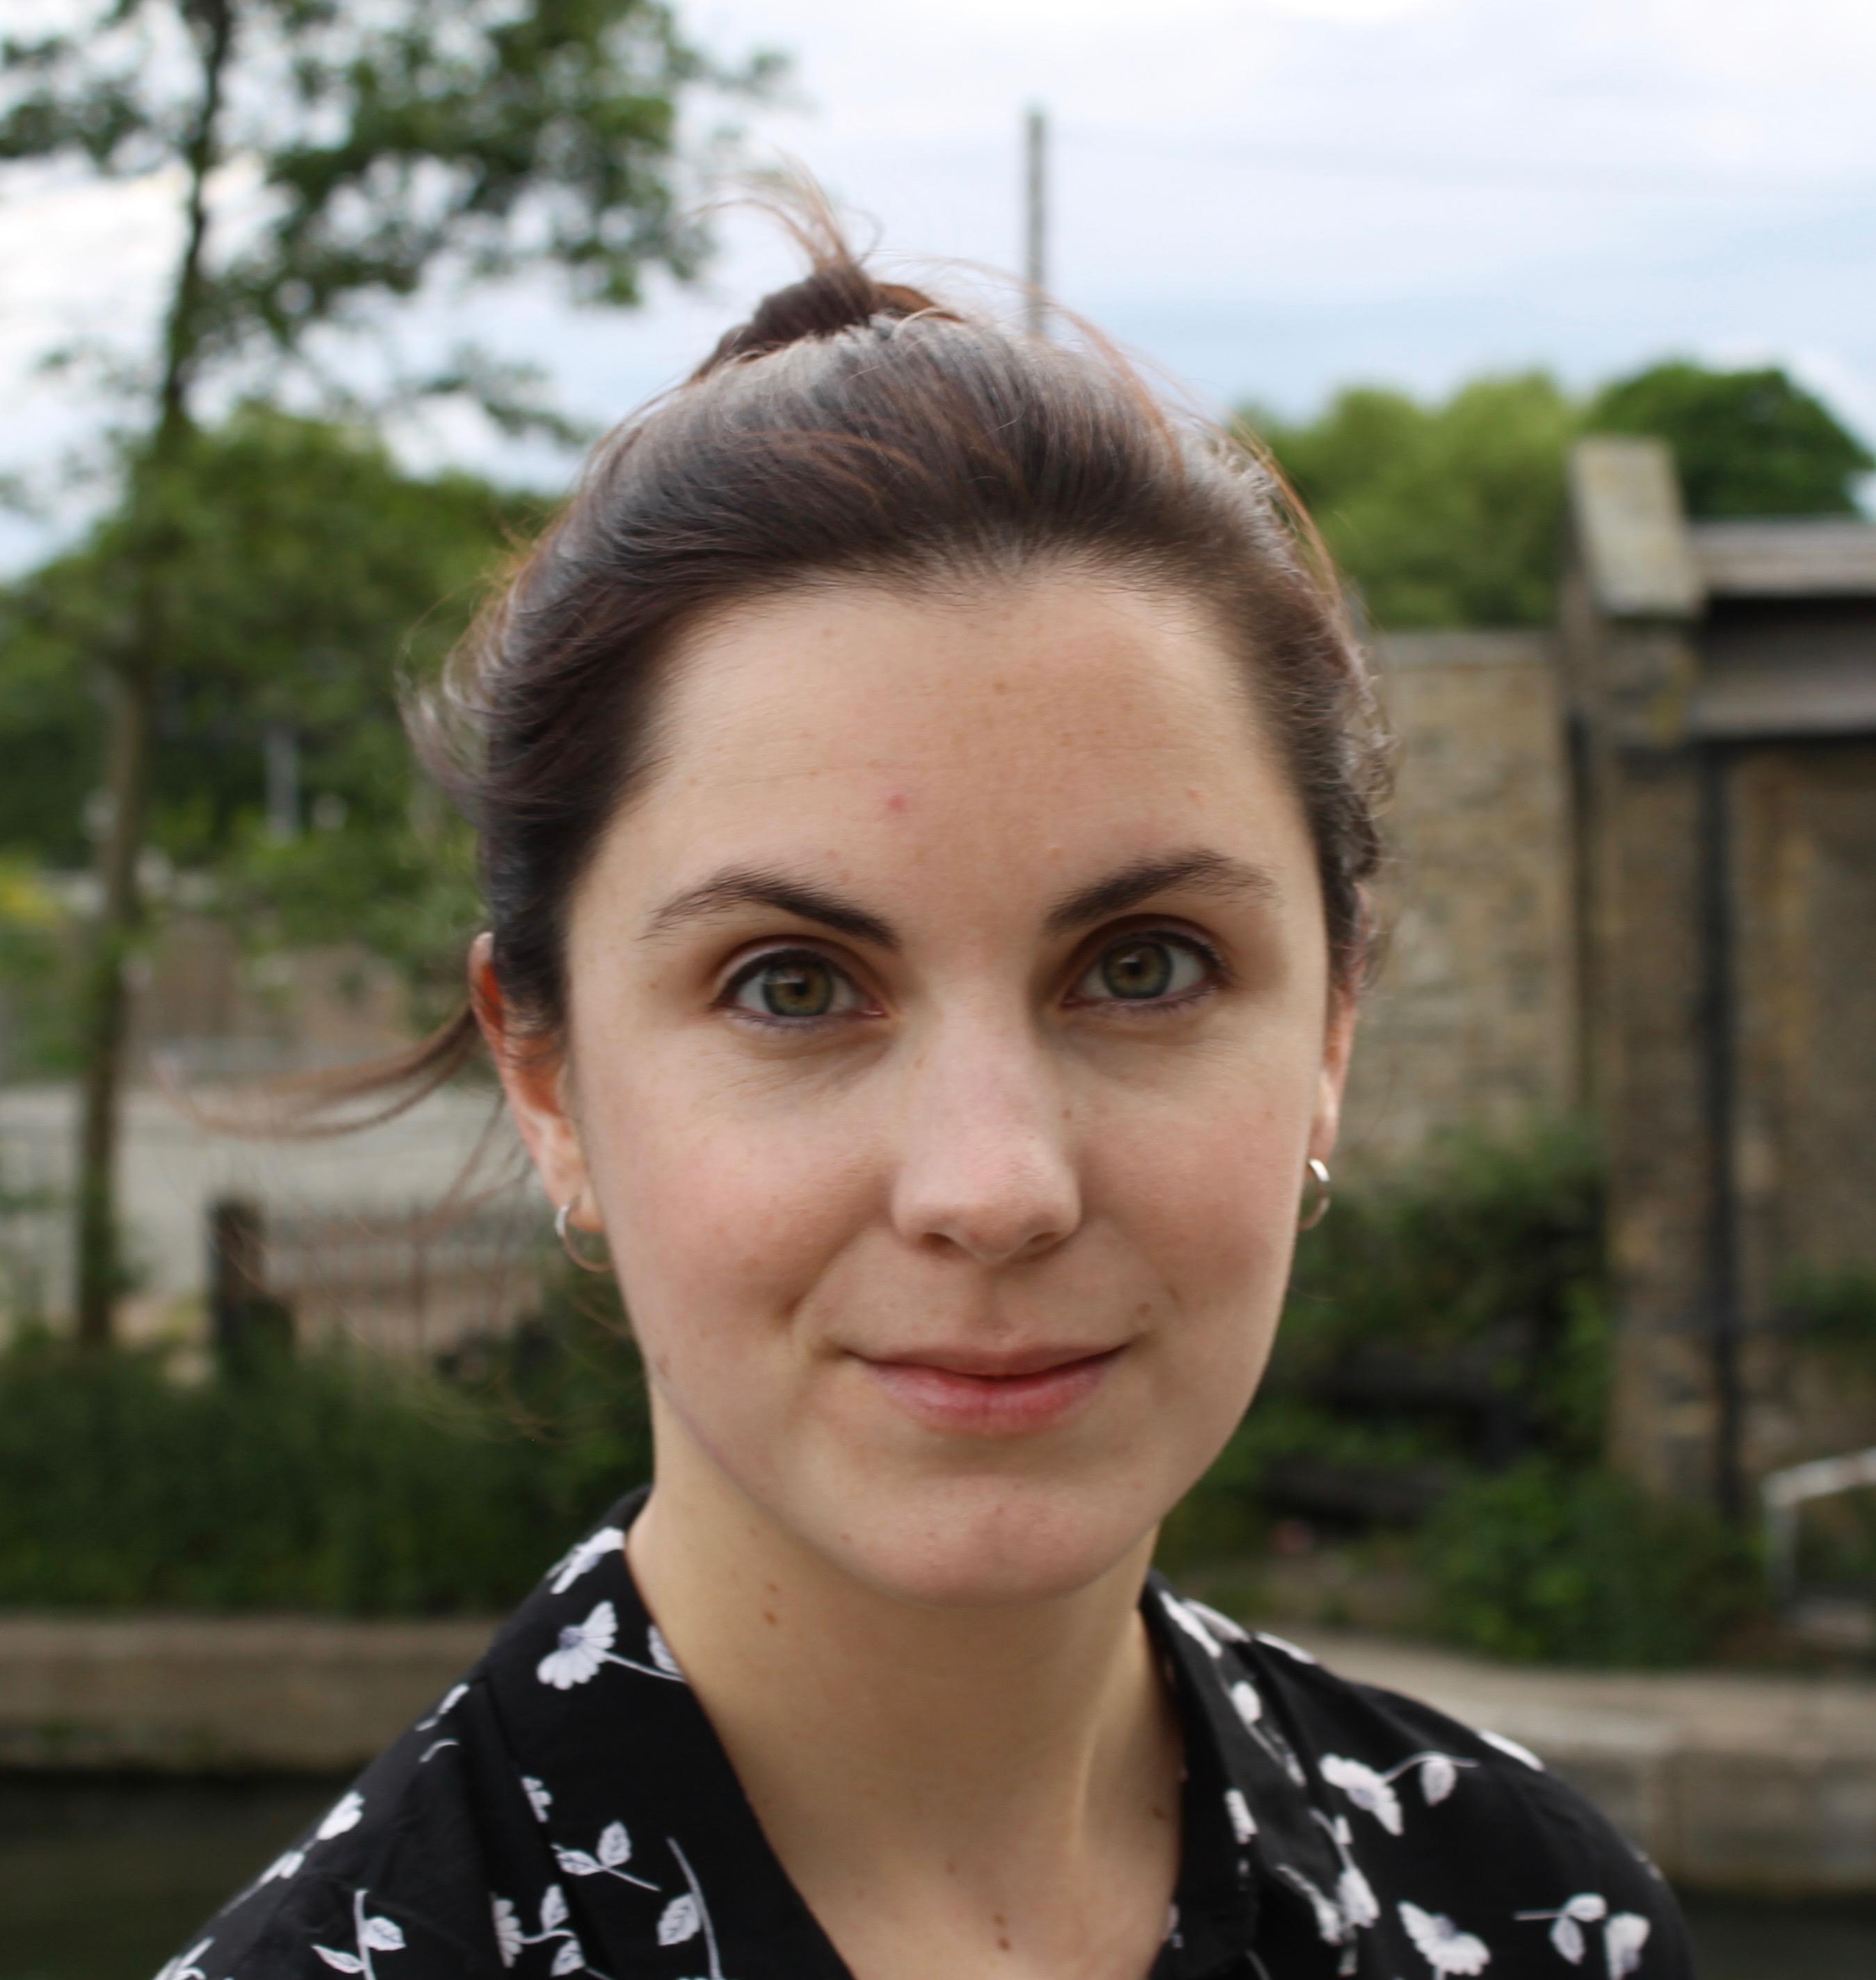 Katie McElvanney